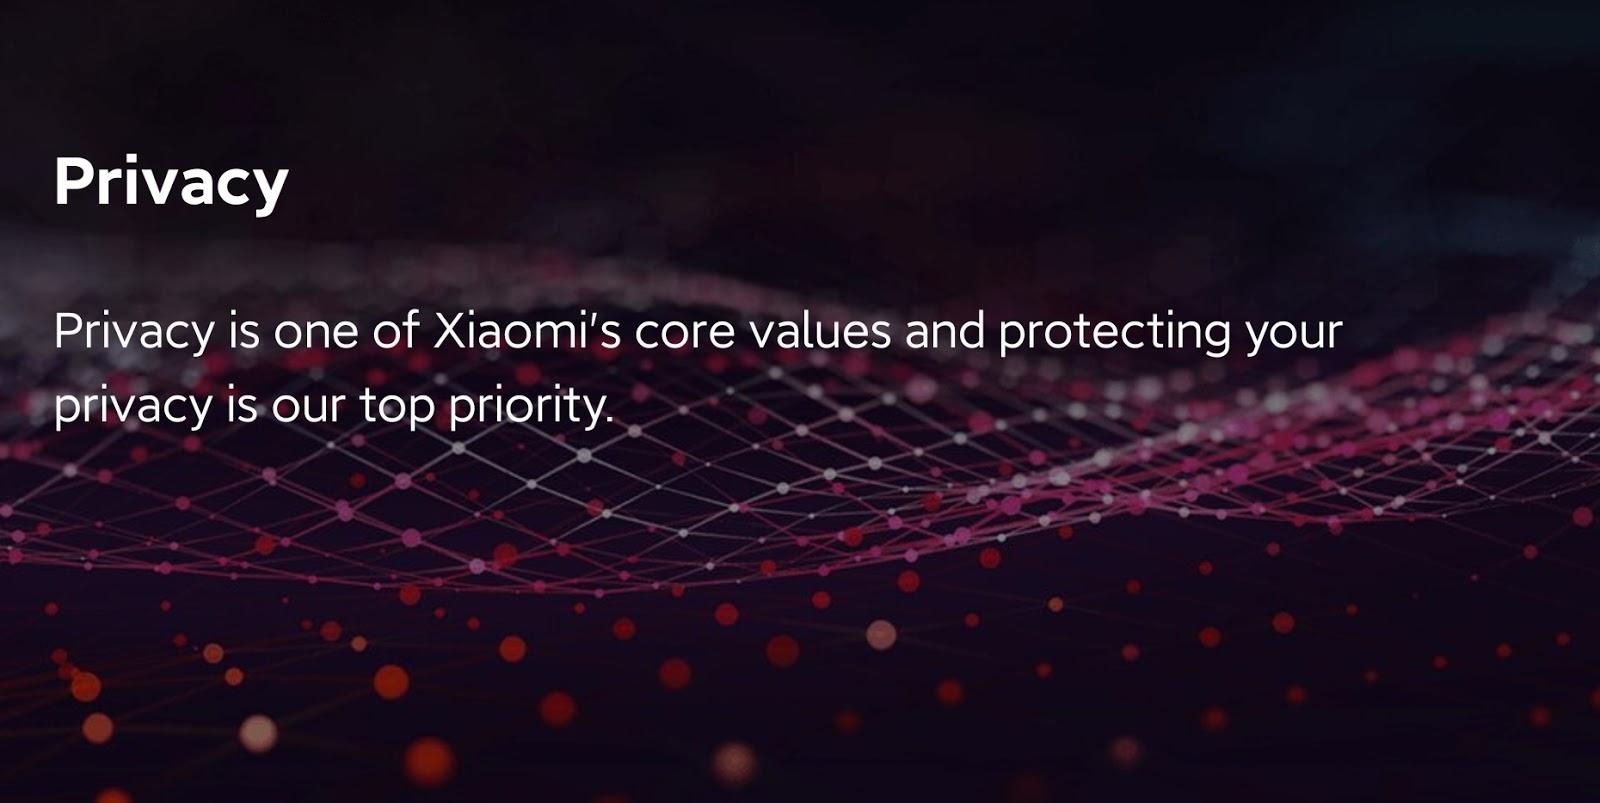 Xiaomi เน้นย้ำการคุ้มครองความเป็นส่วนตัว พร้อมเผยนโยบายความเป็นส่วนตัวอีก 2 ฉบับ ย้ำความพร้อมในการขานรับมาตรฐานด้านความปลอดภัยและความเป็นส่วนตัวระดับสากล